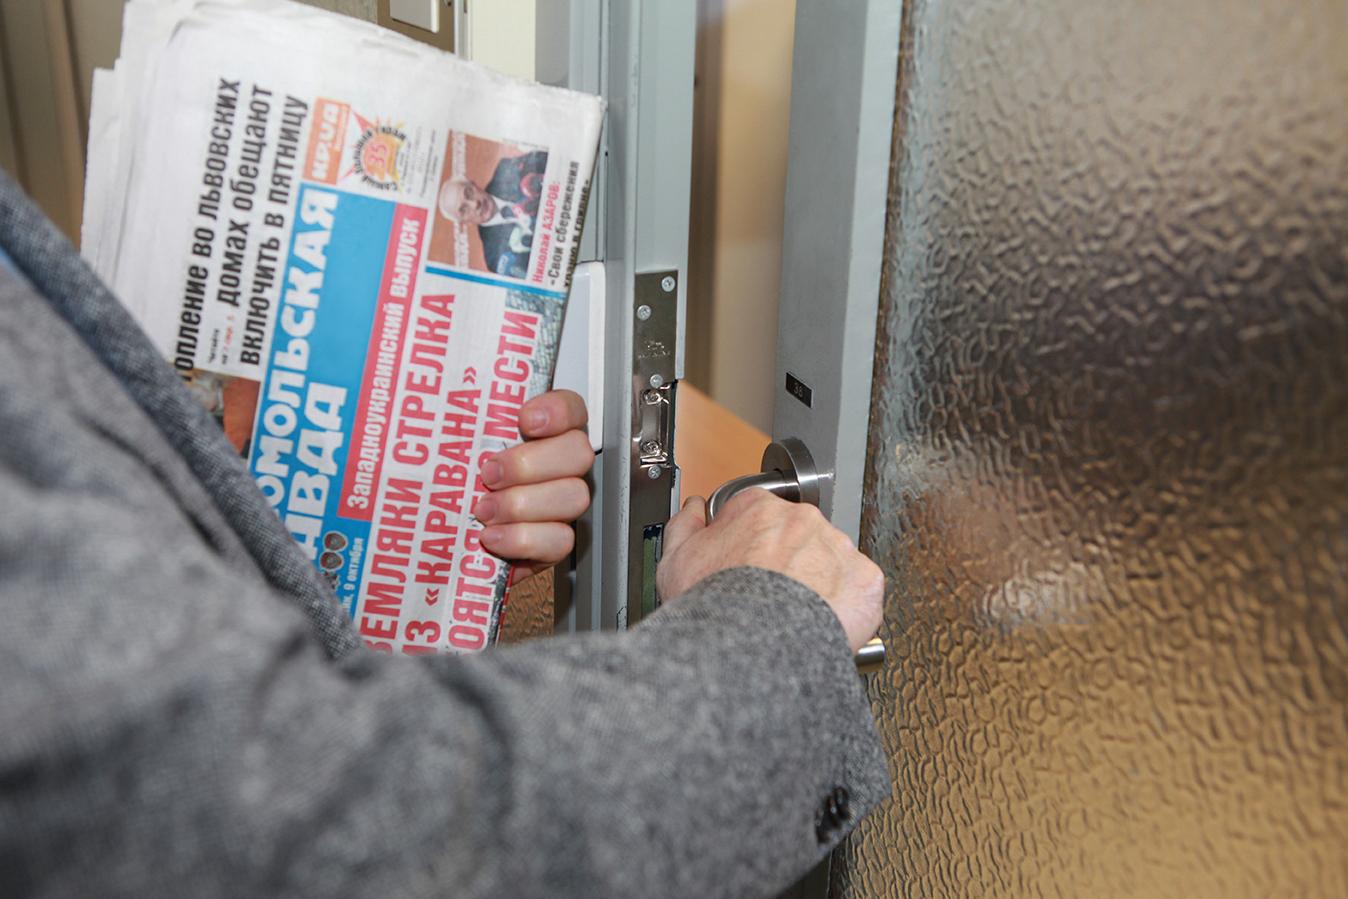 Si pu aprire a distanza una porta senza cambiare la - Aprire porta senza chiave ...